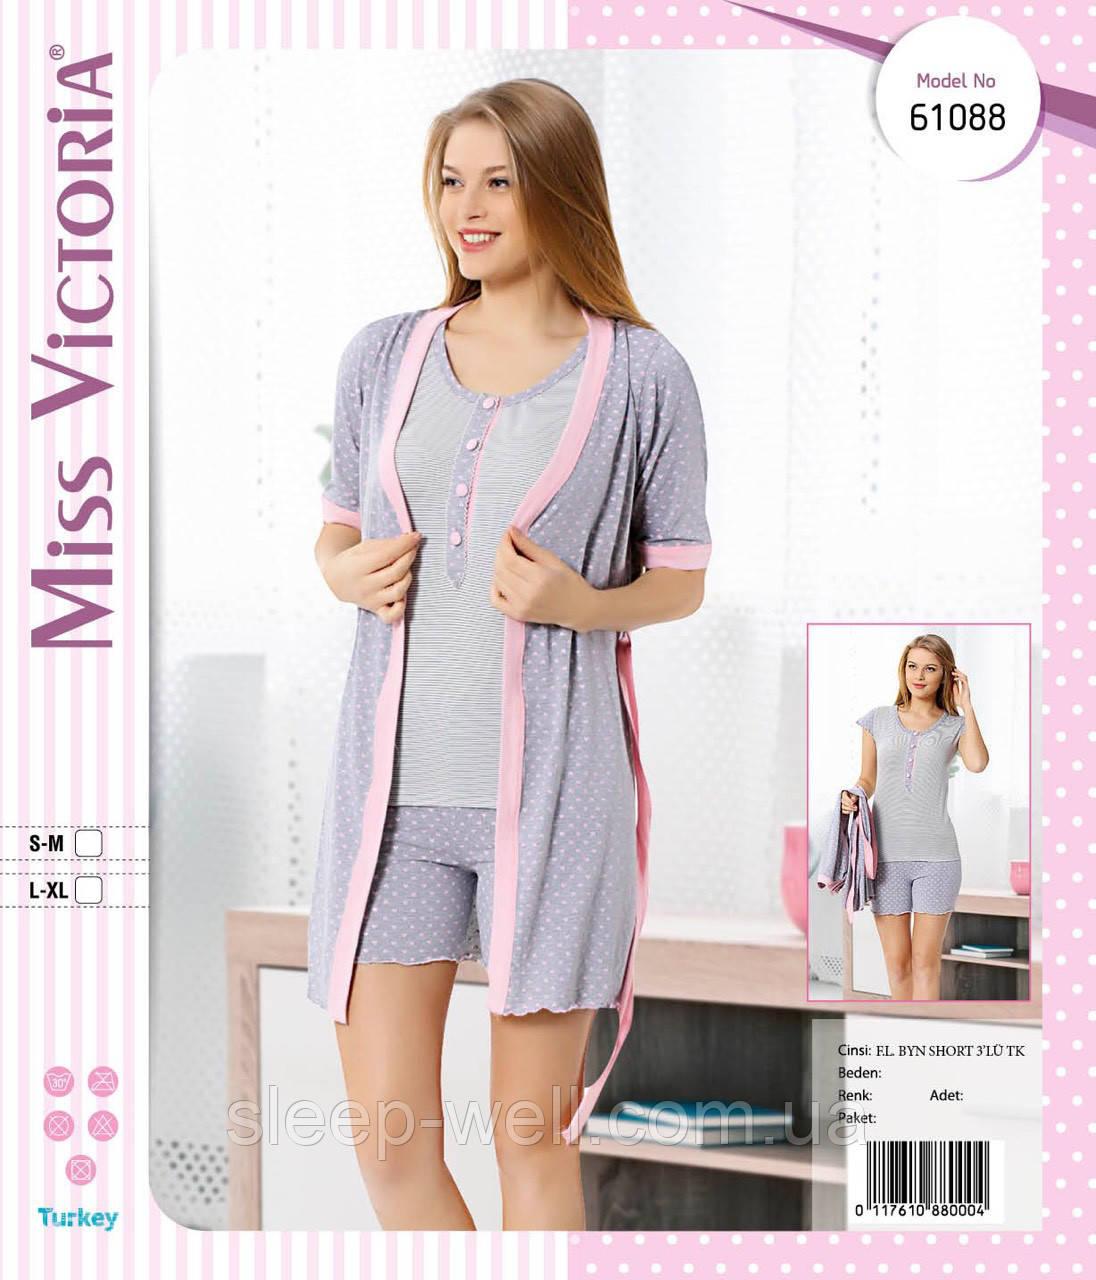 Пижама с халатом Miss Victoria